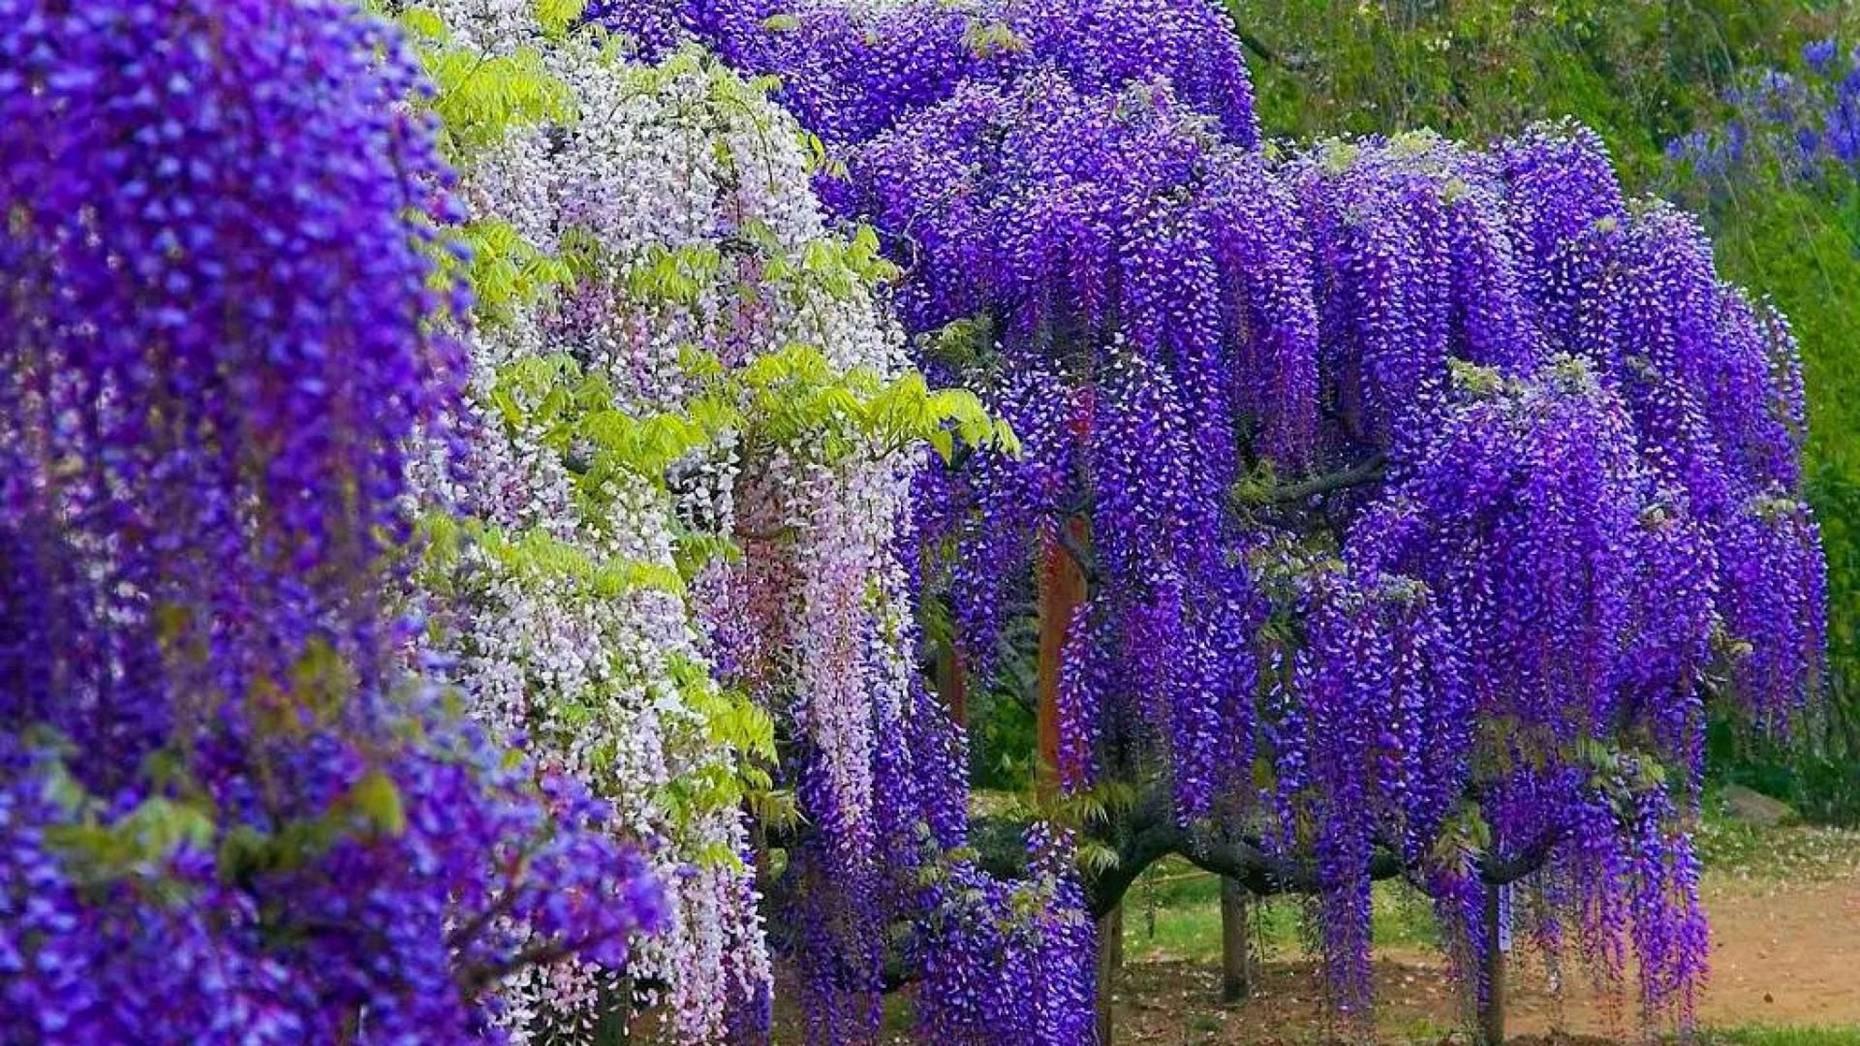 """摄影图片欣赏:日本足利花卉公园的""""紫藤花物语"""